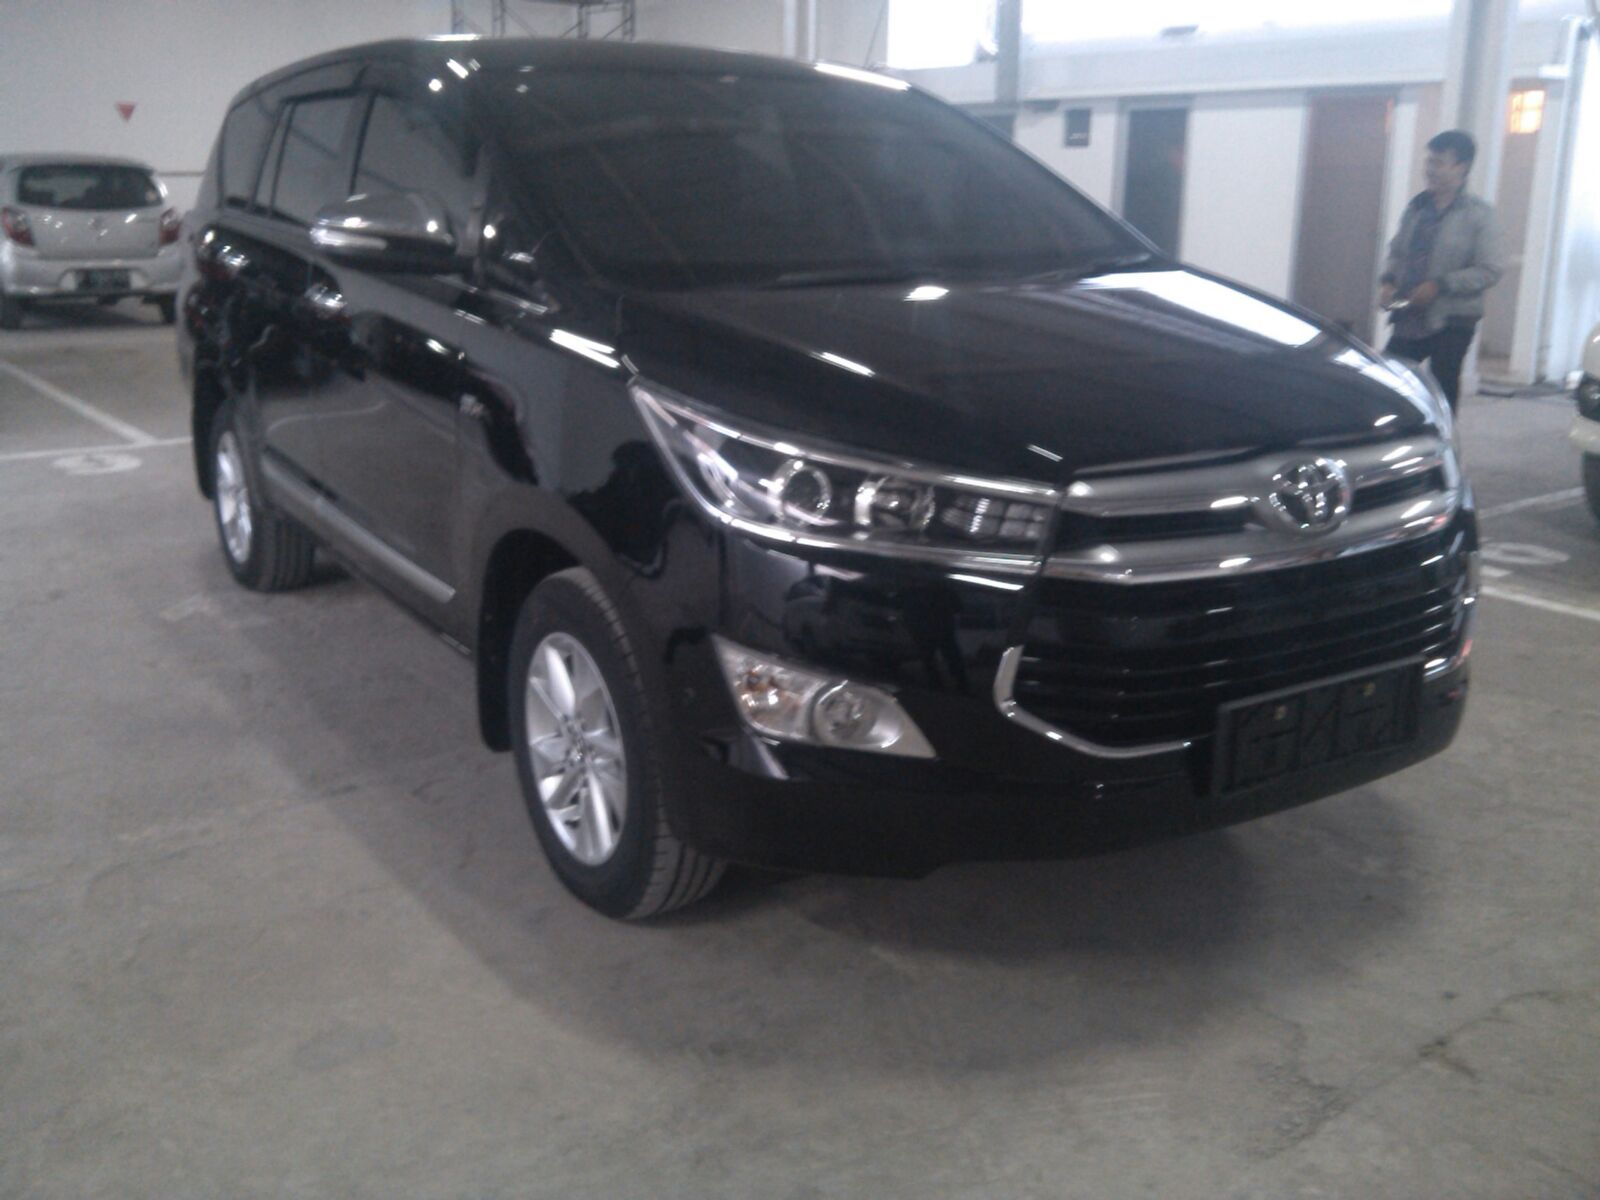 All New Kijang Innova Harga Grand Avanza Vs Veloz Toyota Promo